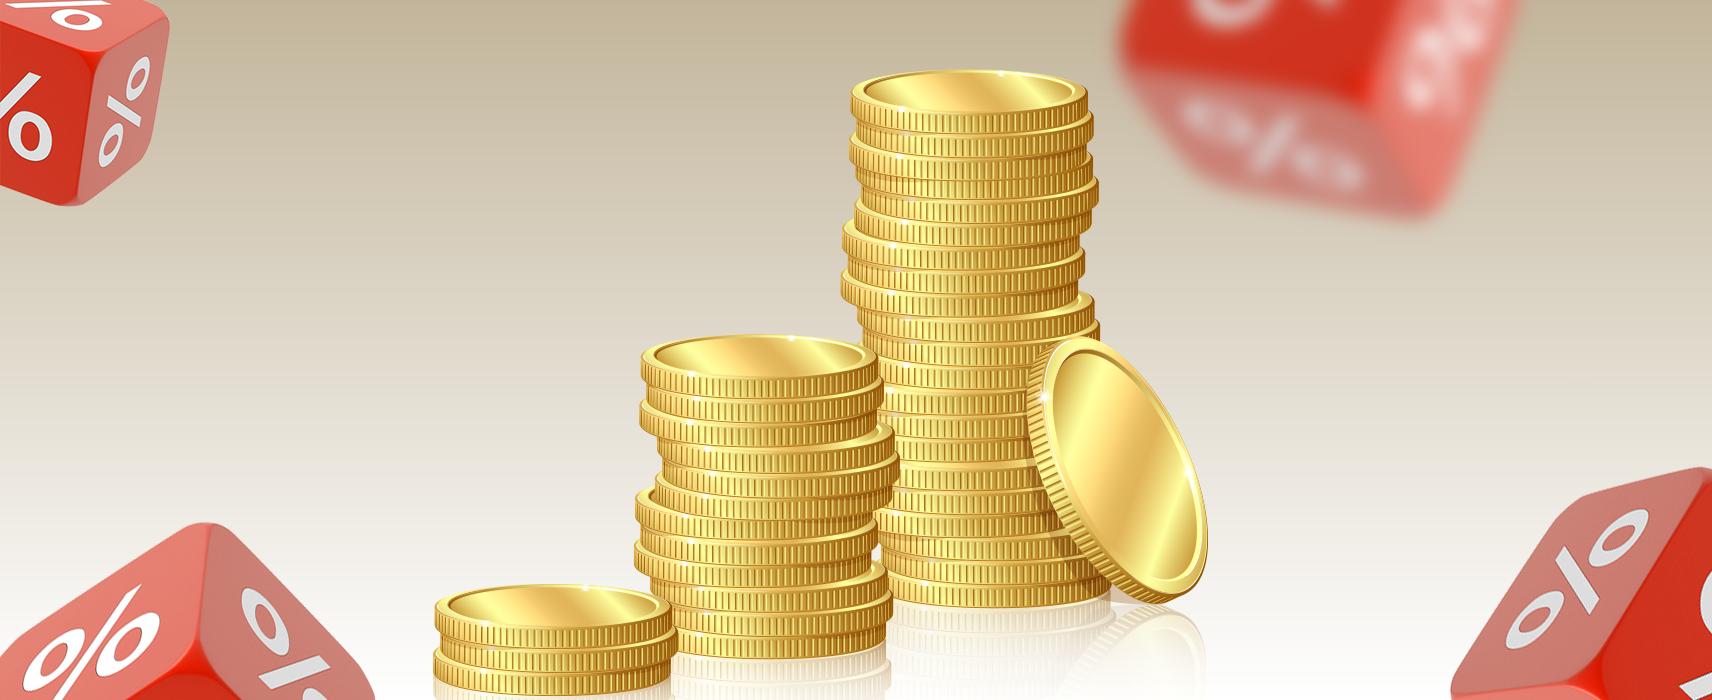 Изменения по кредитам за неделю: УБРиР, Газпромбанк и Росбанк